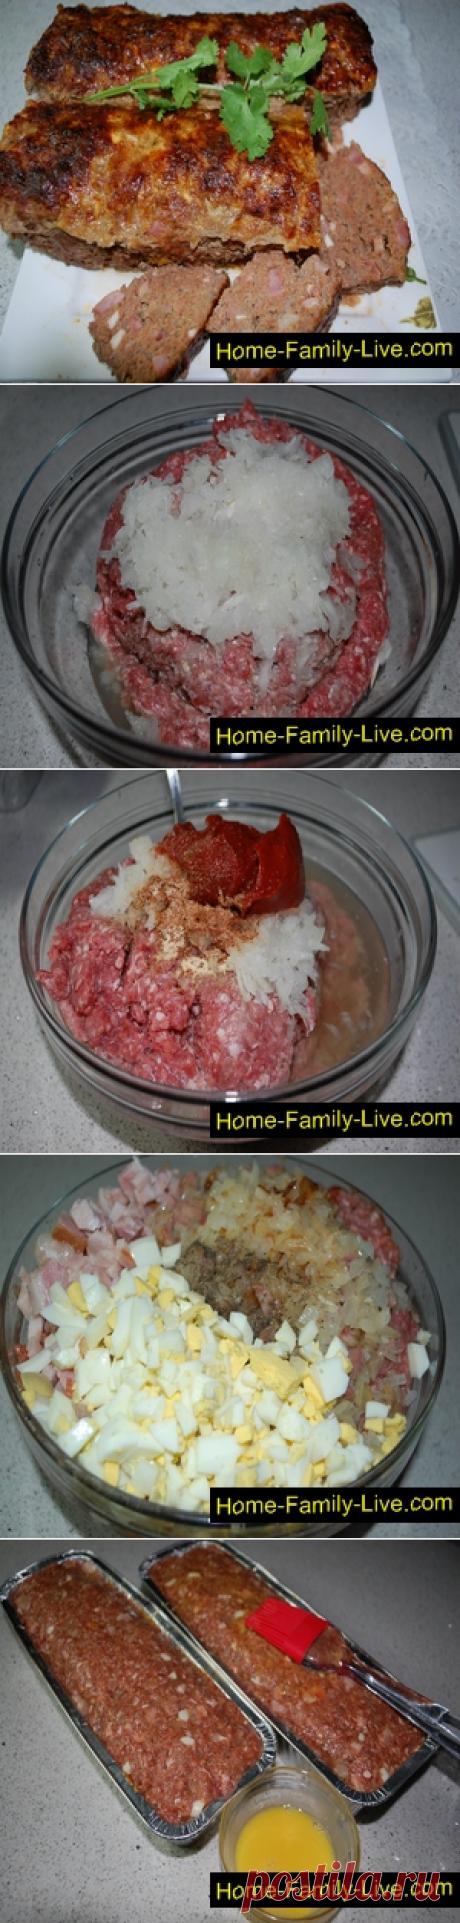 Мясной хлеб/Сайт с пошаговыми рецептами с фото для тех кто любит готовить